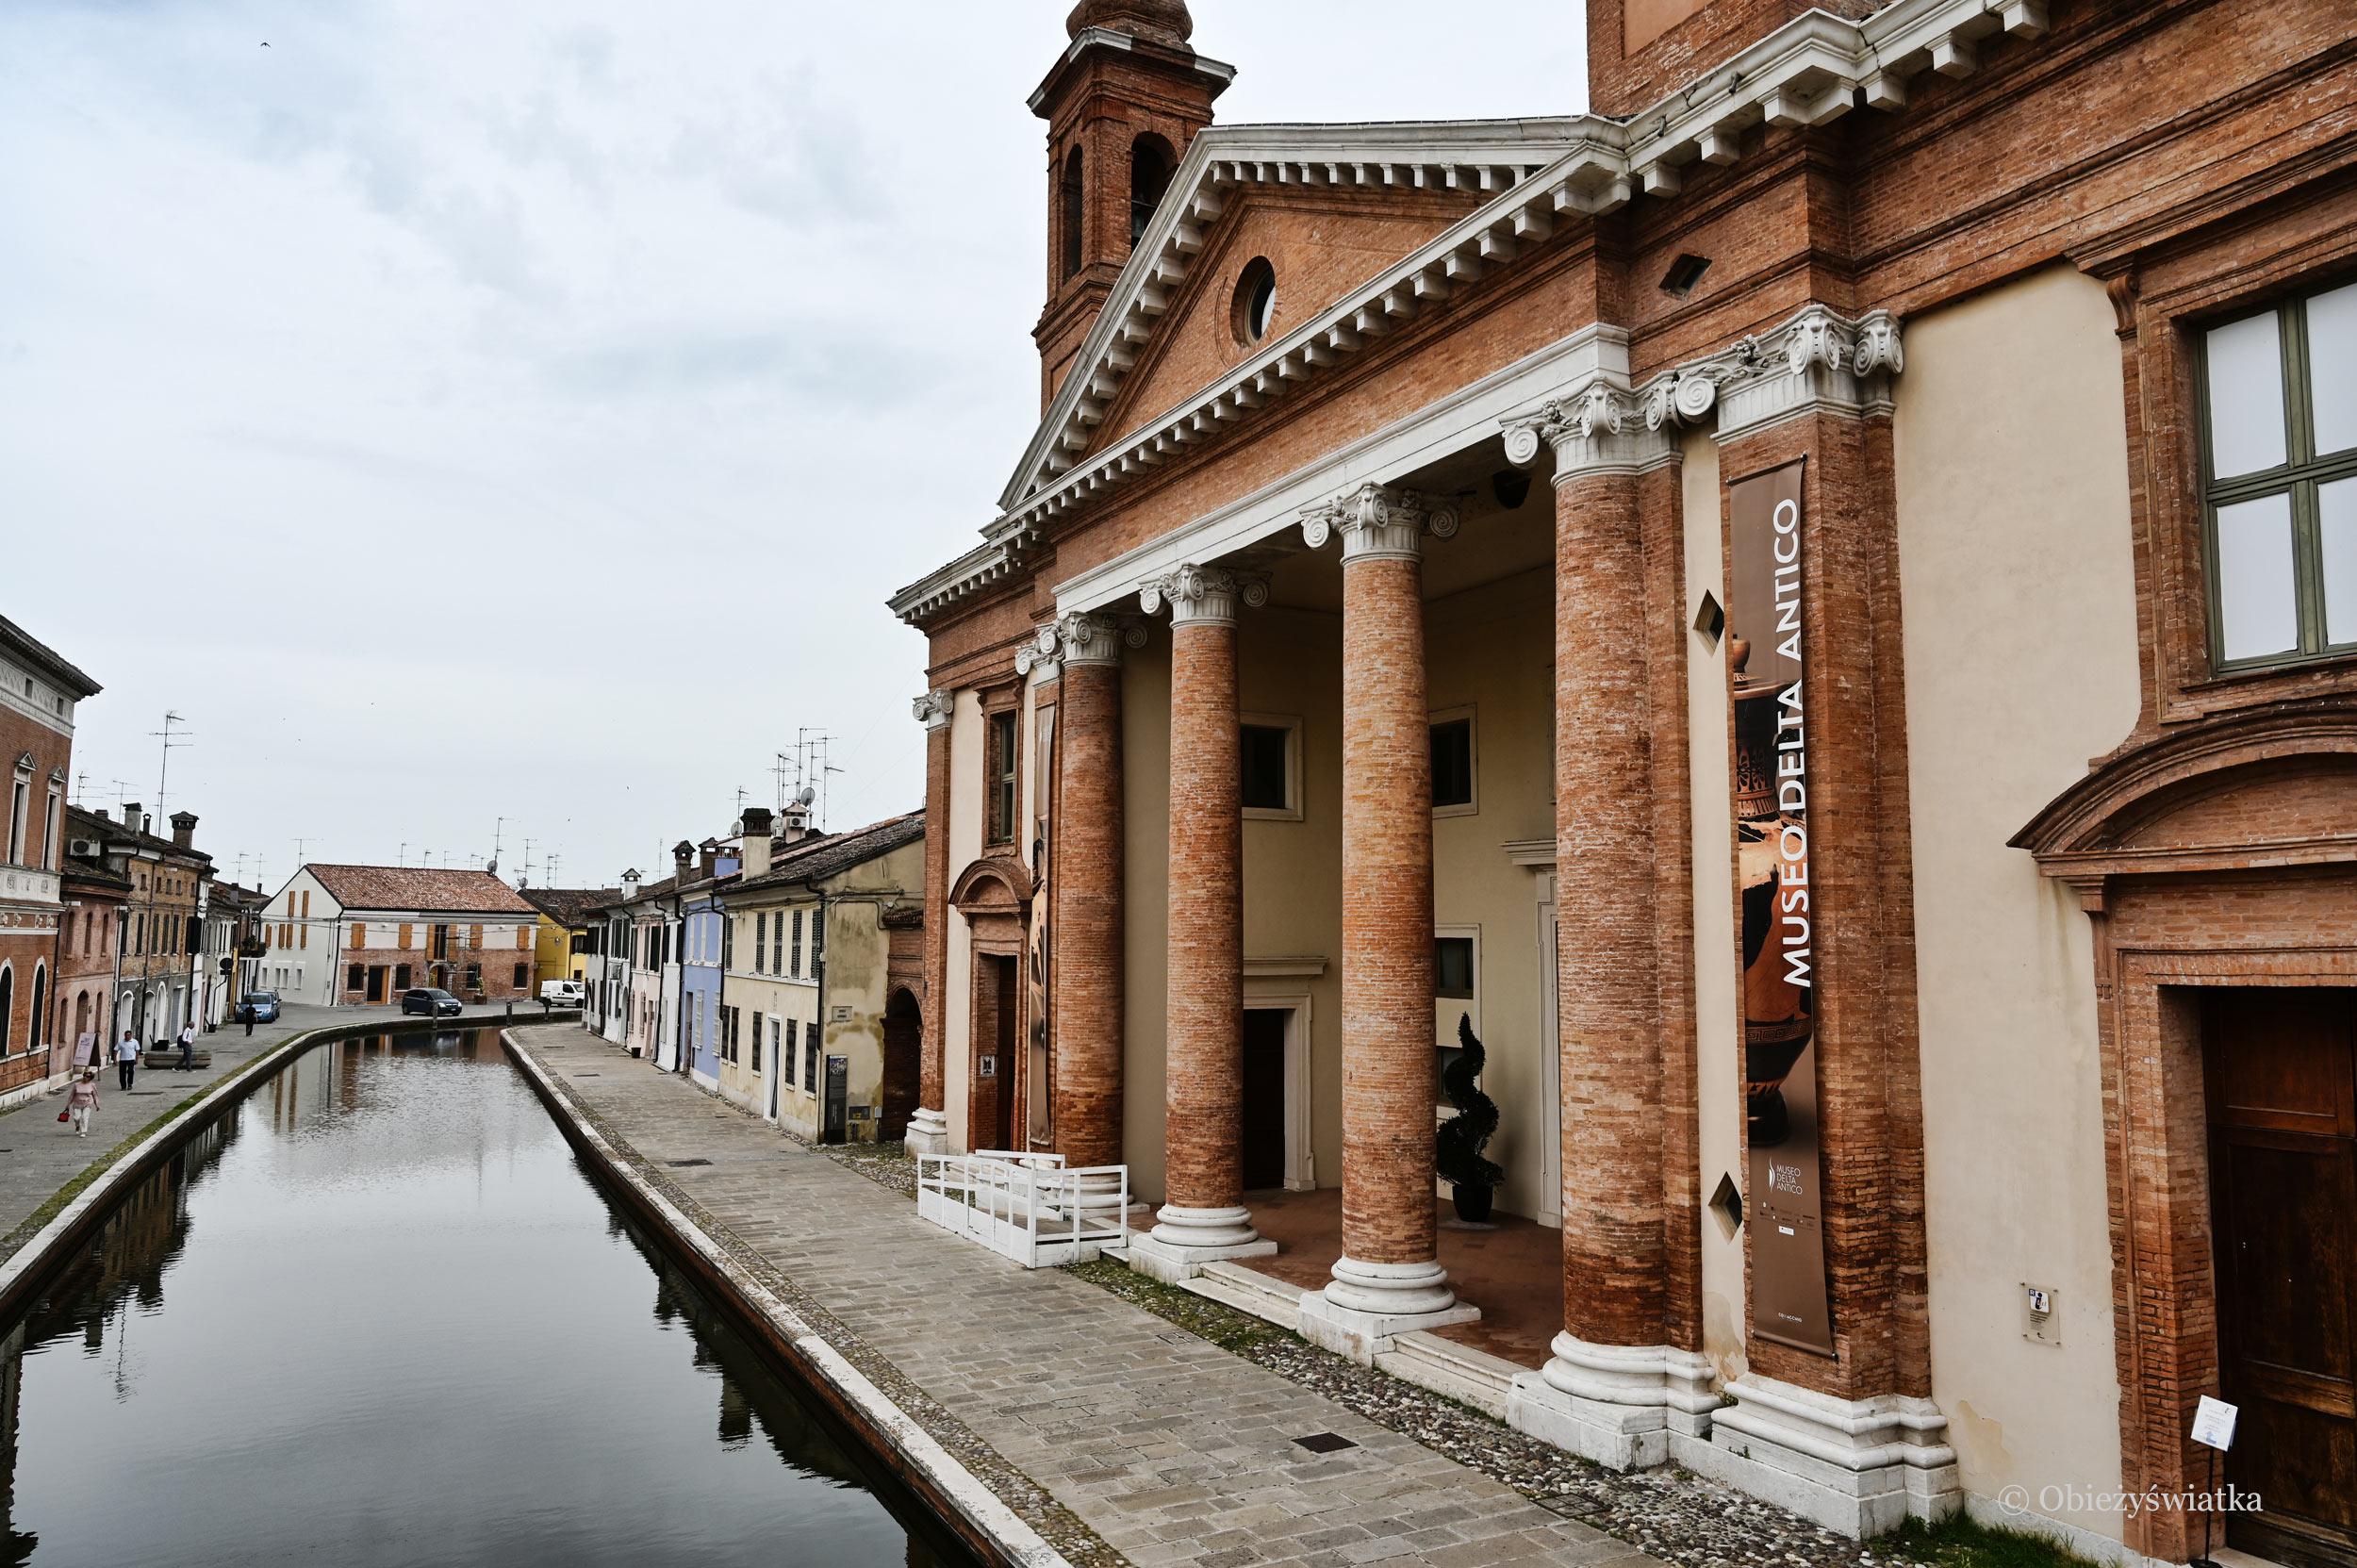 Muzeum w Comacchio